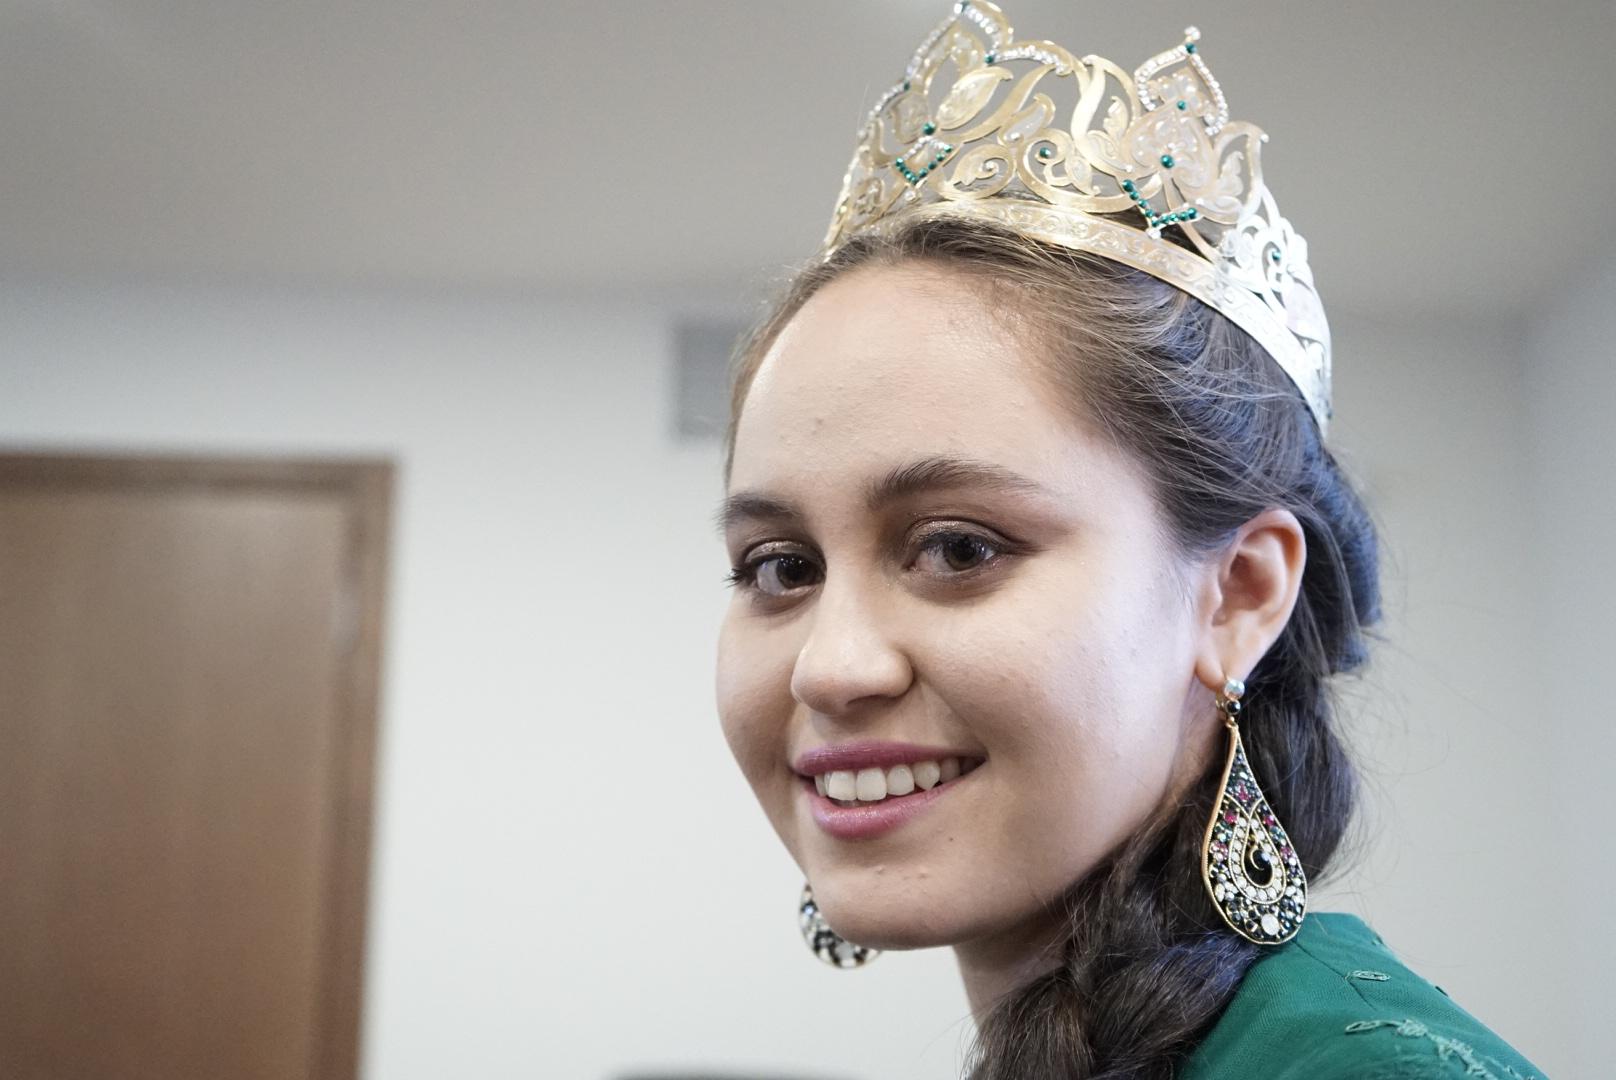 вас видеть фото с конкурса татар кызы хотела унижать перед